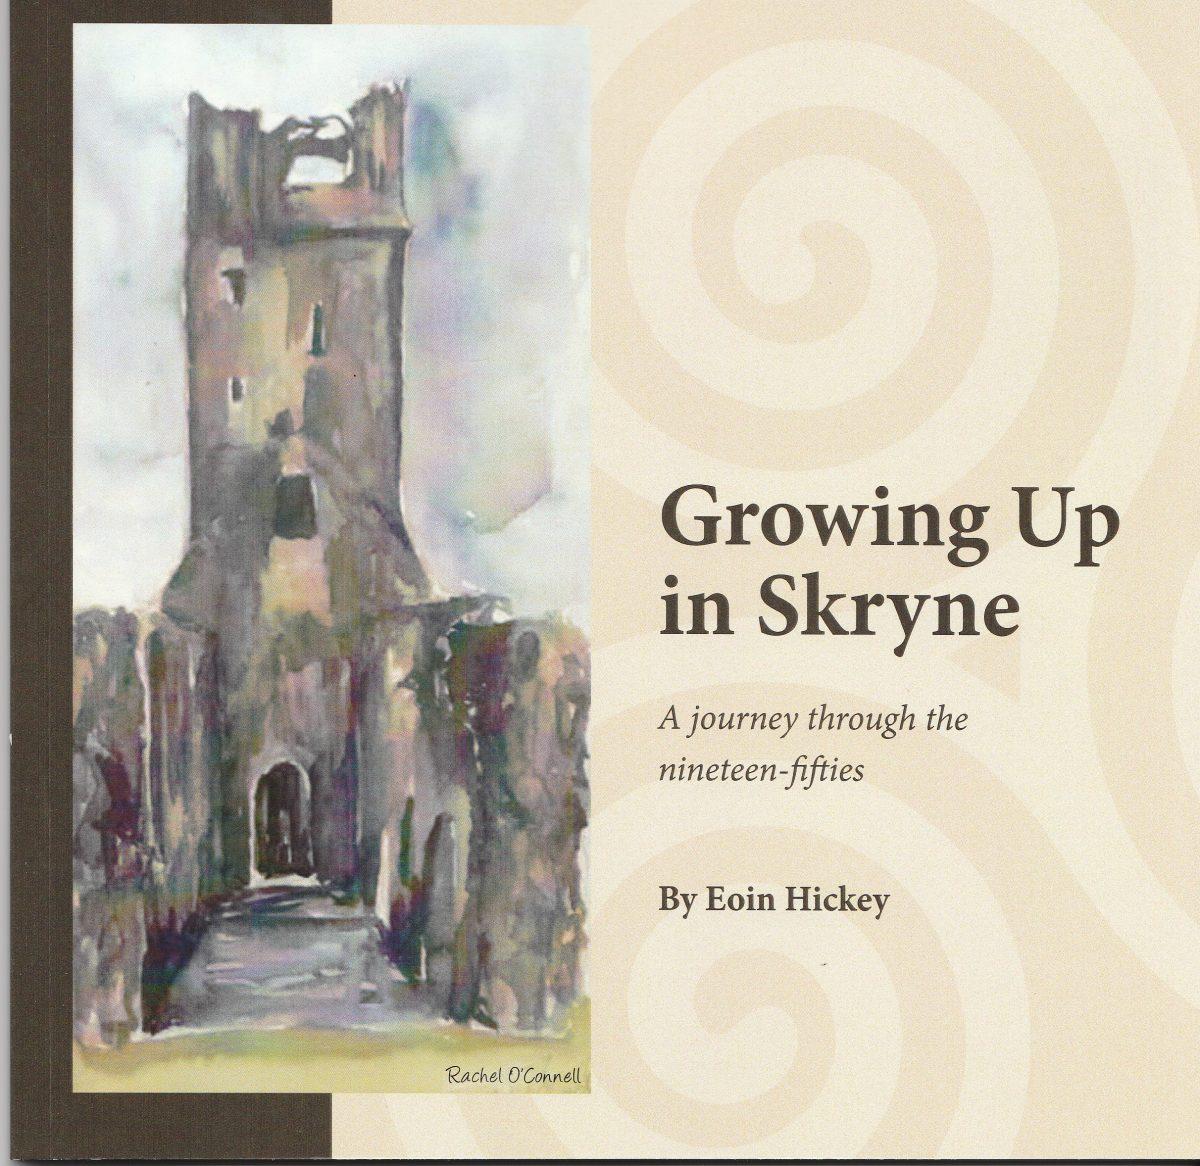 Growing up in Skryne